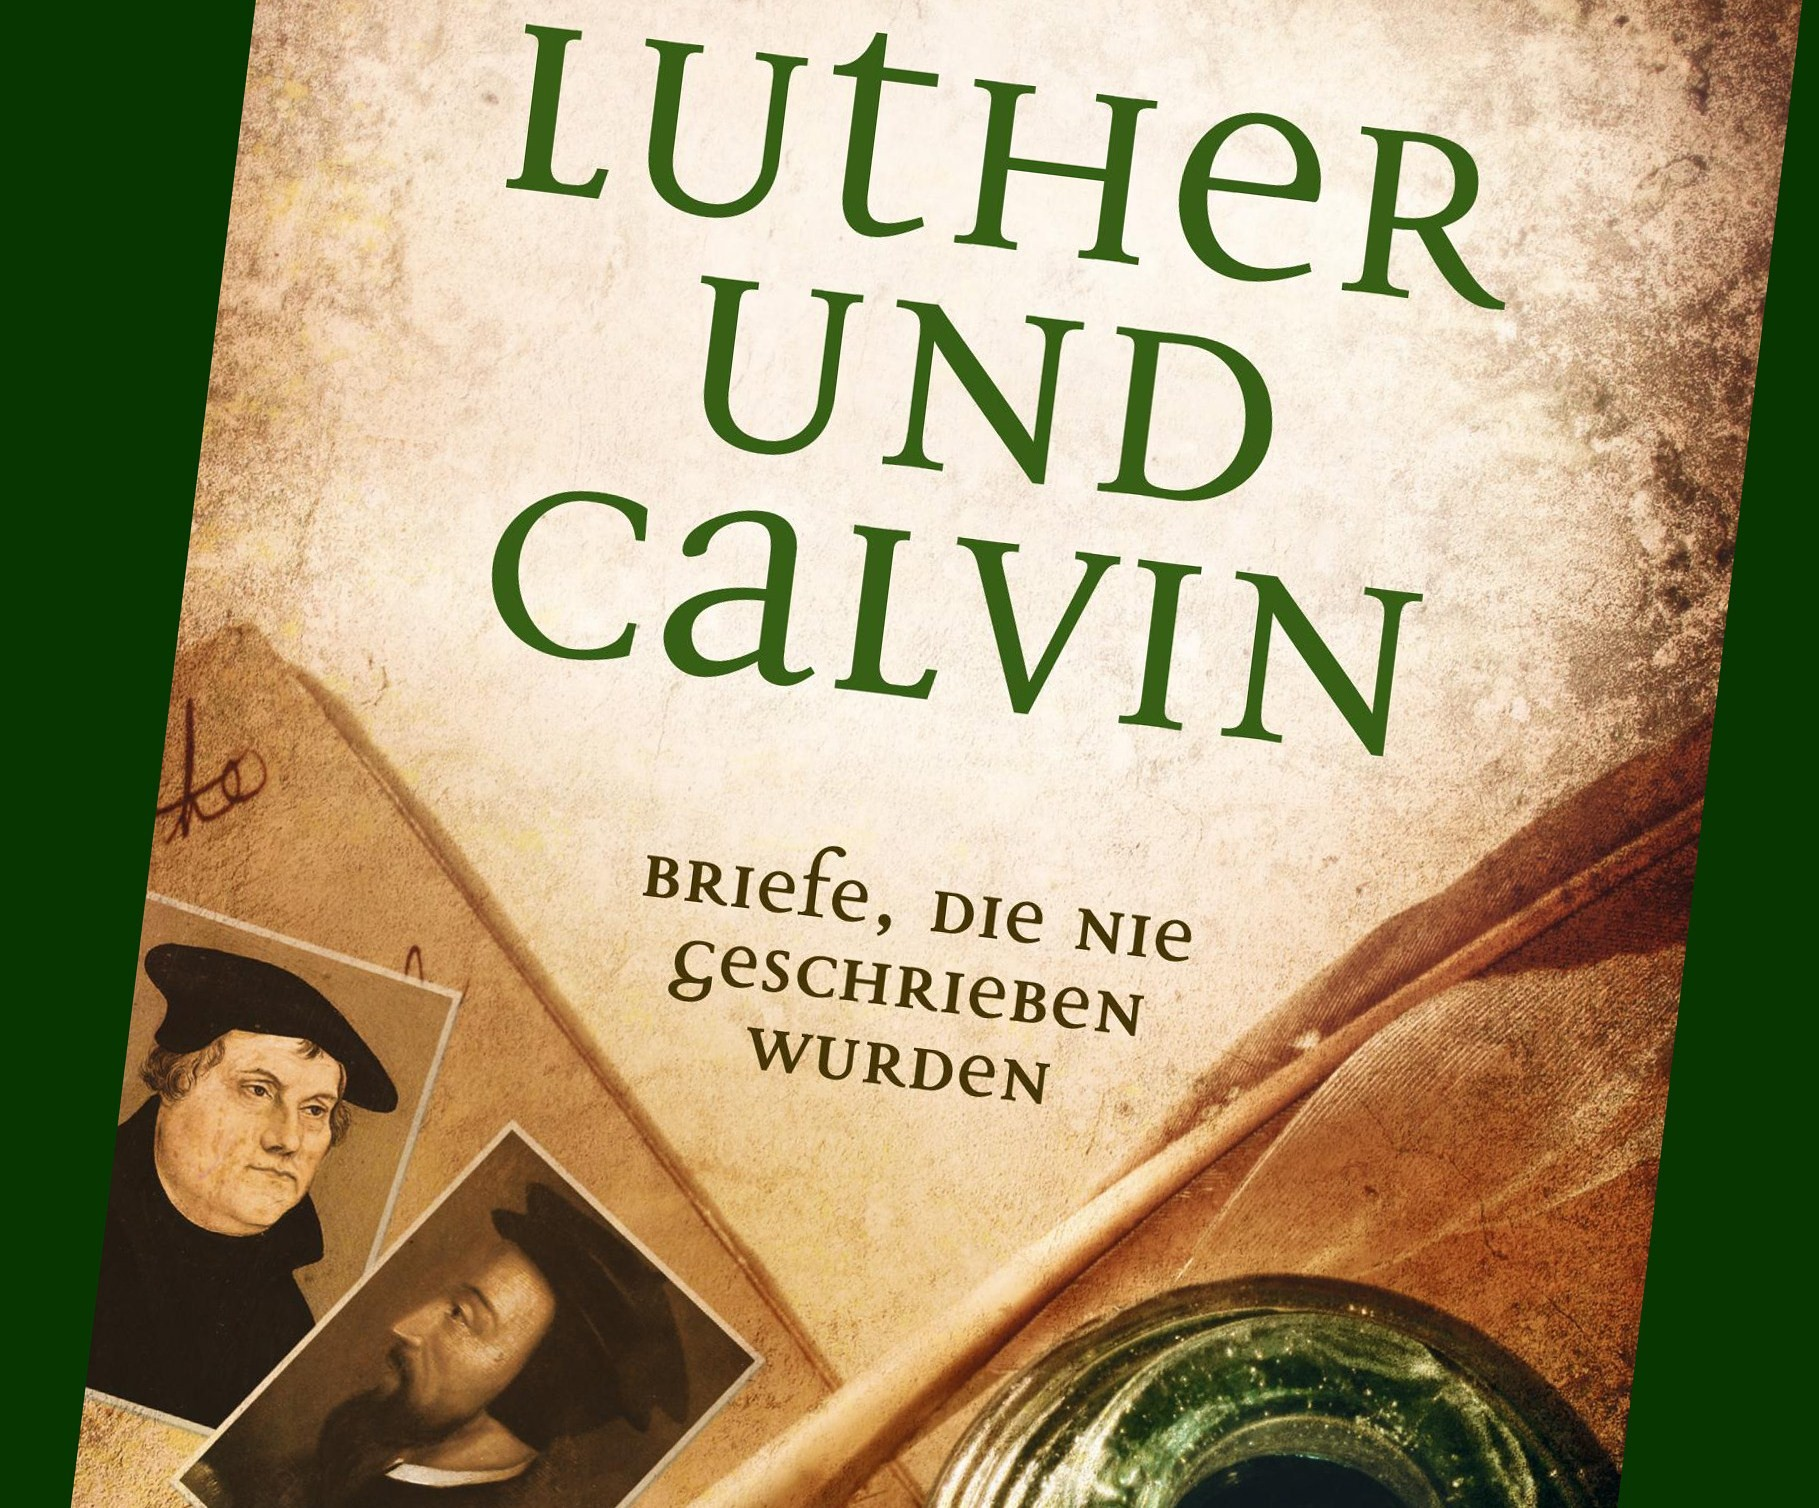 Briefe Von Luther : Reformiert info luther und calvin briefe die nie